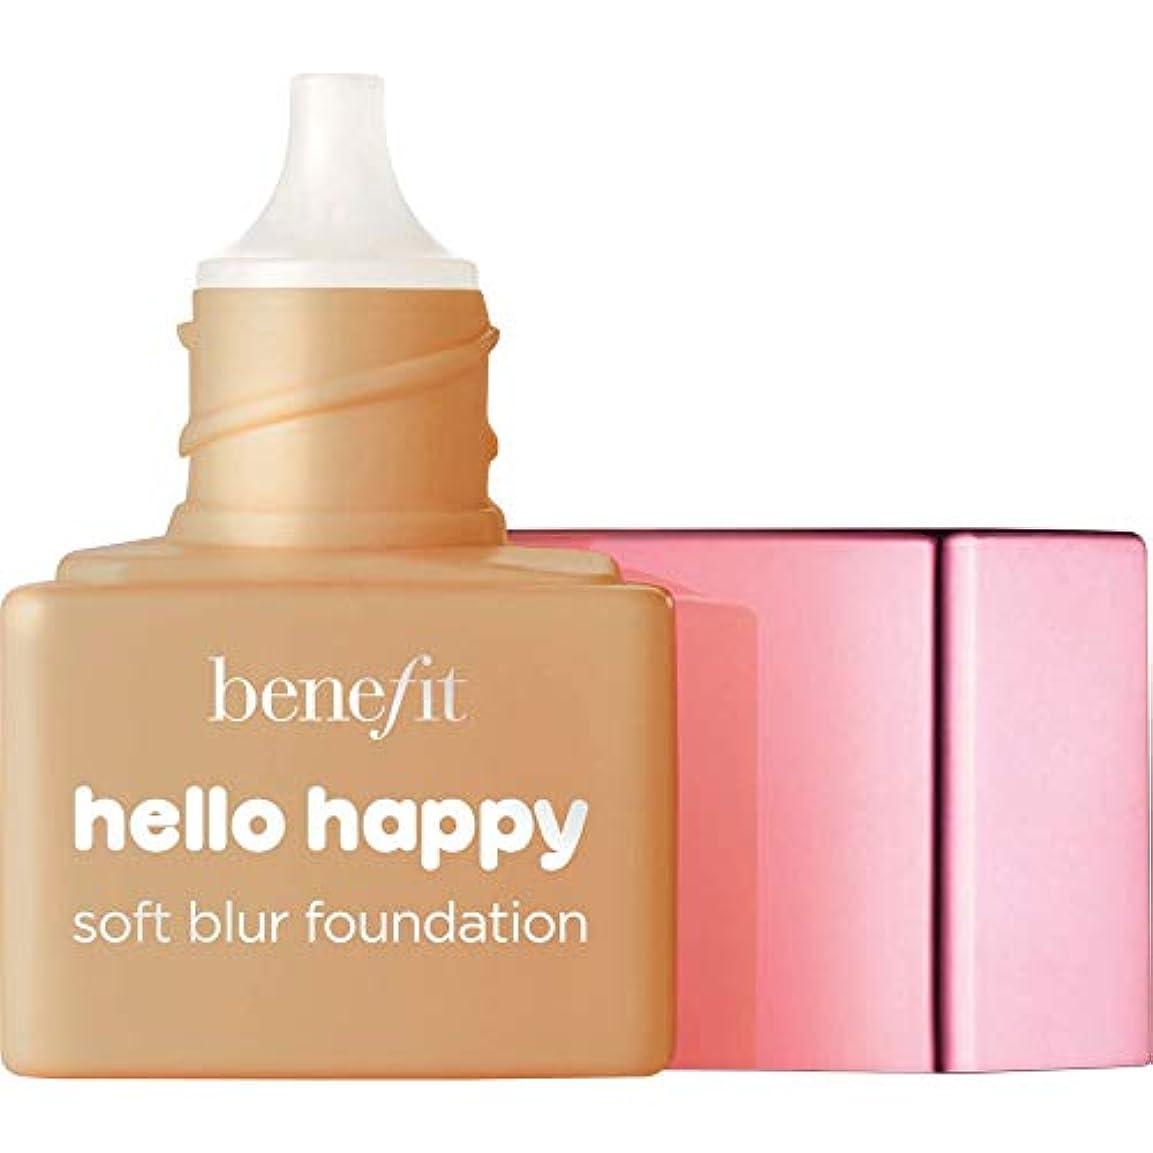 エイリアン部屋を掃除する割る[Benefit] ミニ6 - - こんにちは幸せソフトブラー基礎Spf15の6ミリリットルの利益温培地 - Benefit Hello Happy Soft Blur Foundation SPF15 6ml - Mini...